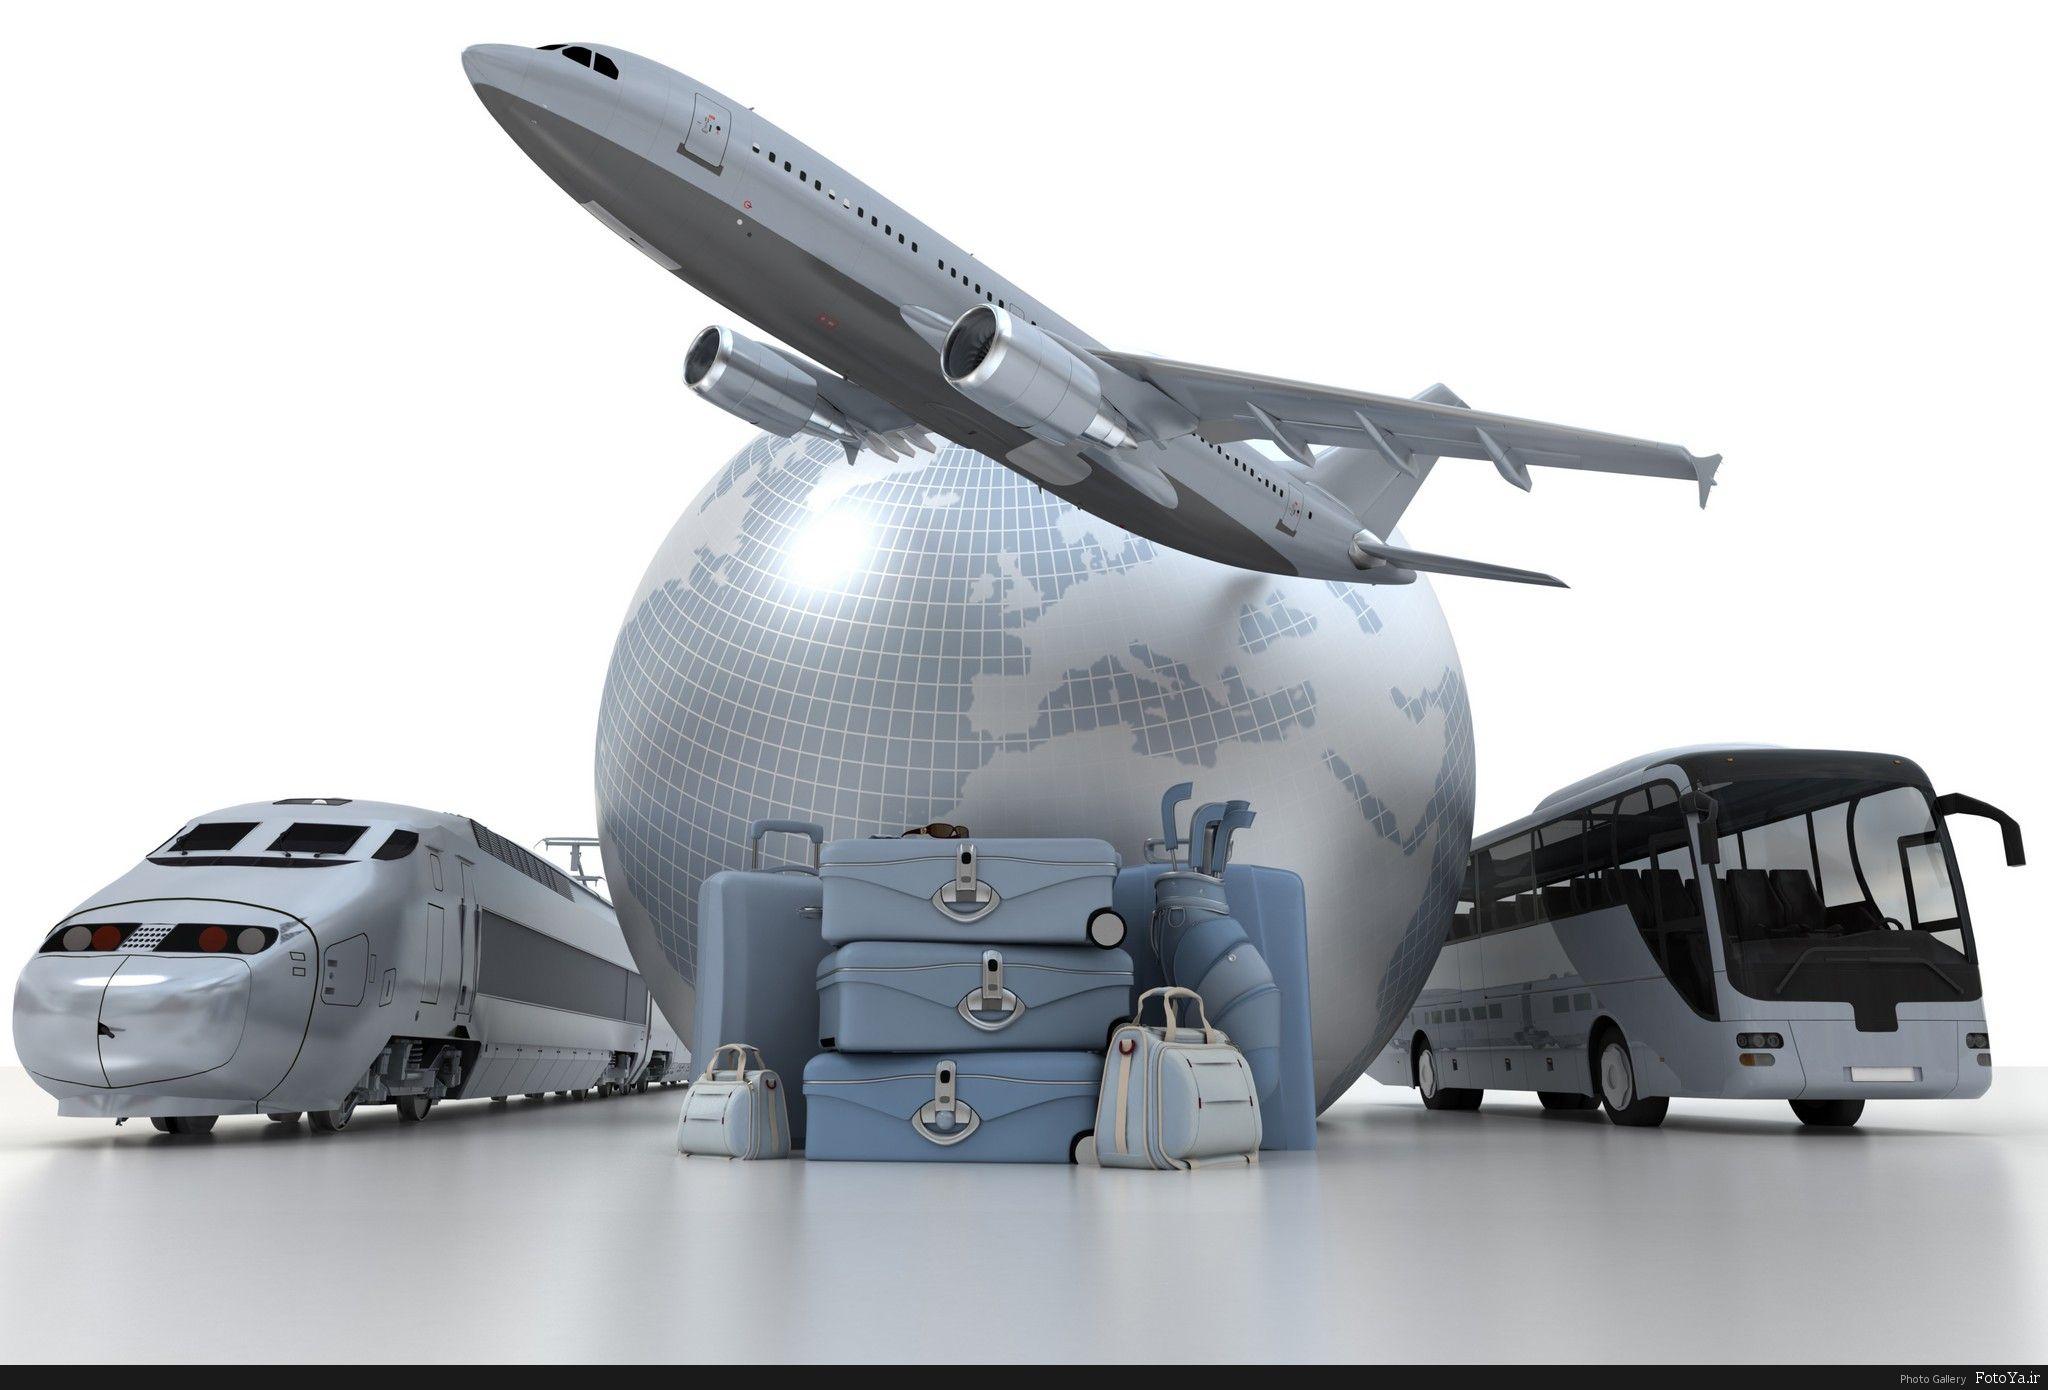 سهم 90 درصدی بخش زمینی در صنعت حمل و نقل/ دستاوردهای چشمگیر ایران در حوزه حمل و نقل هوشمند